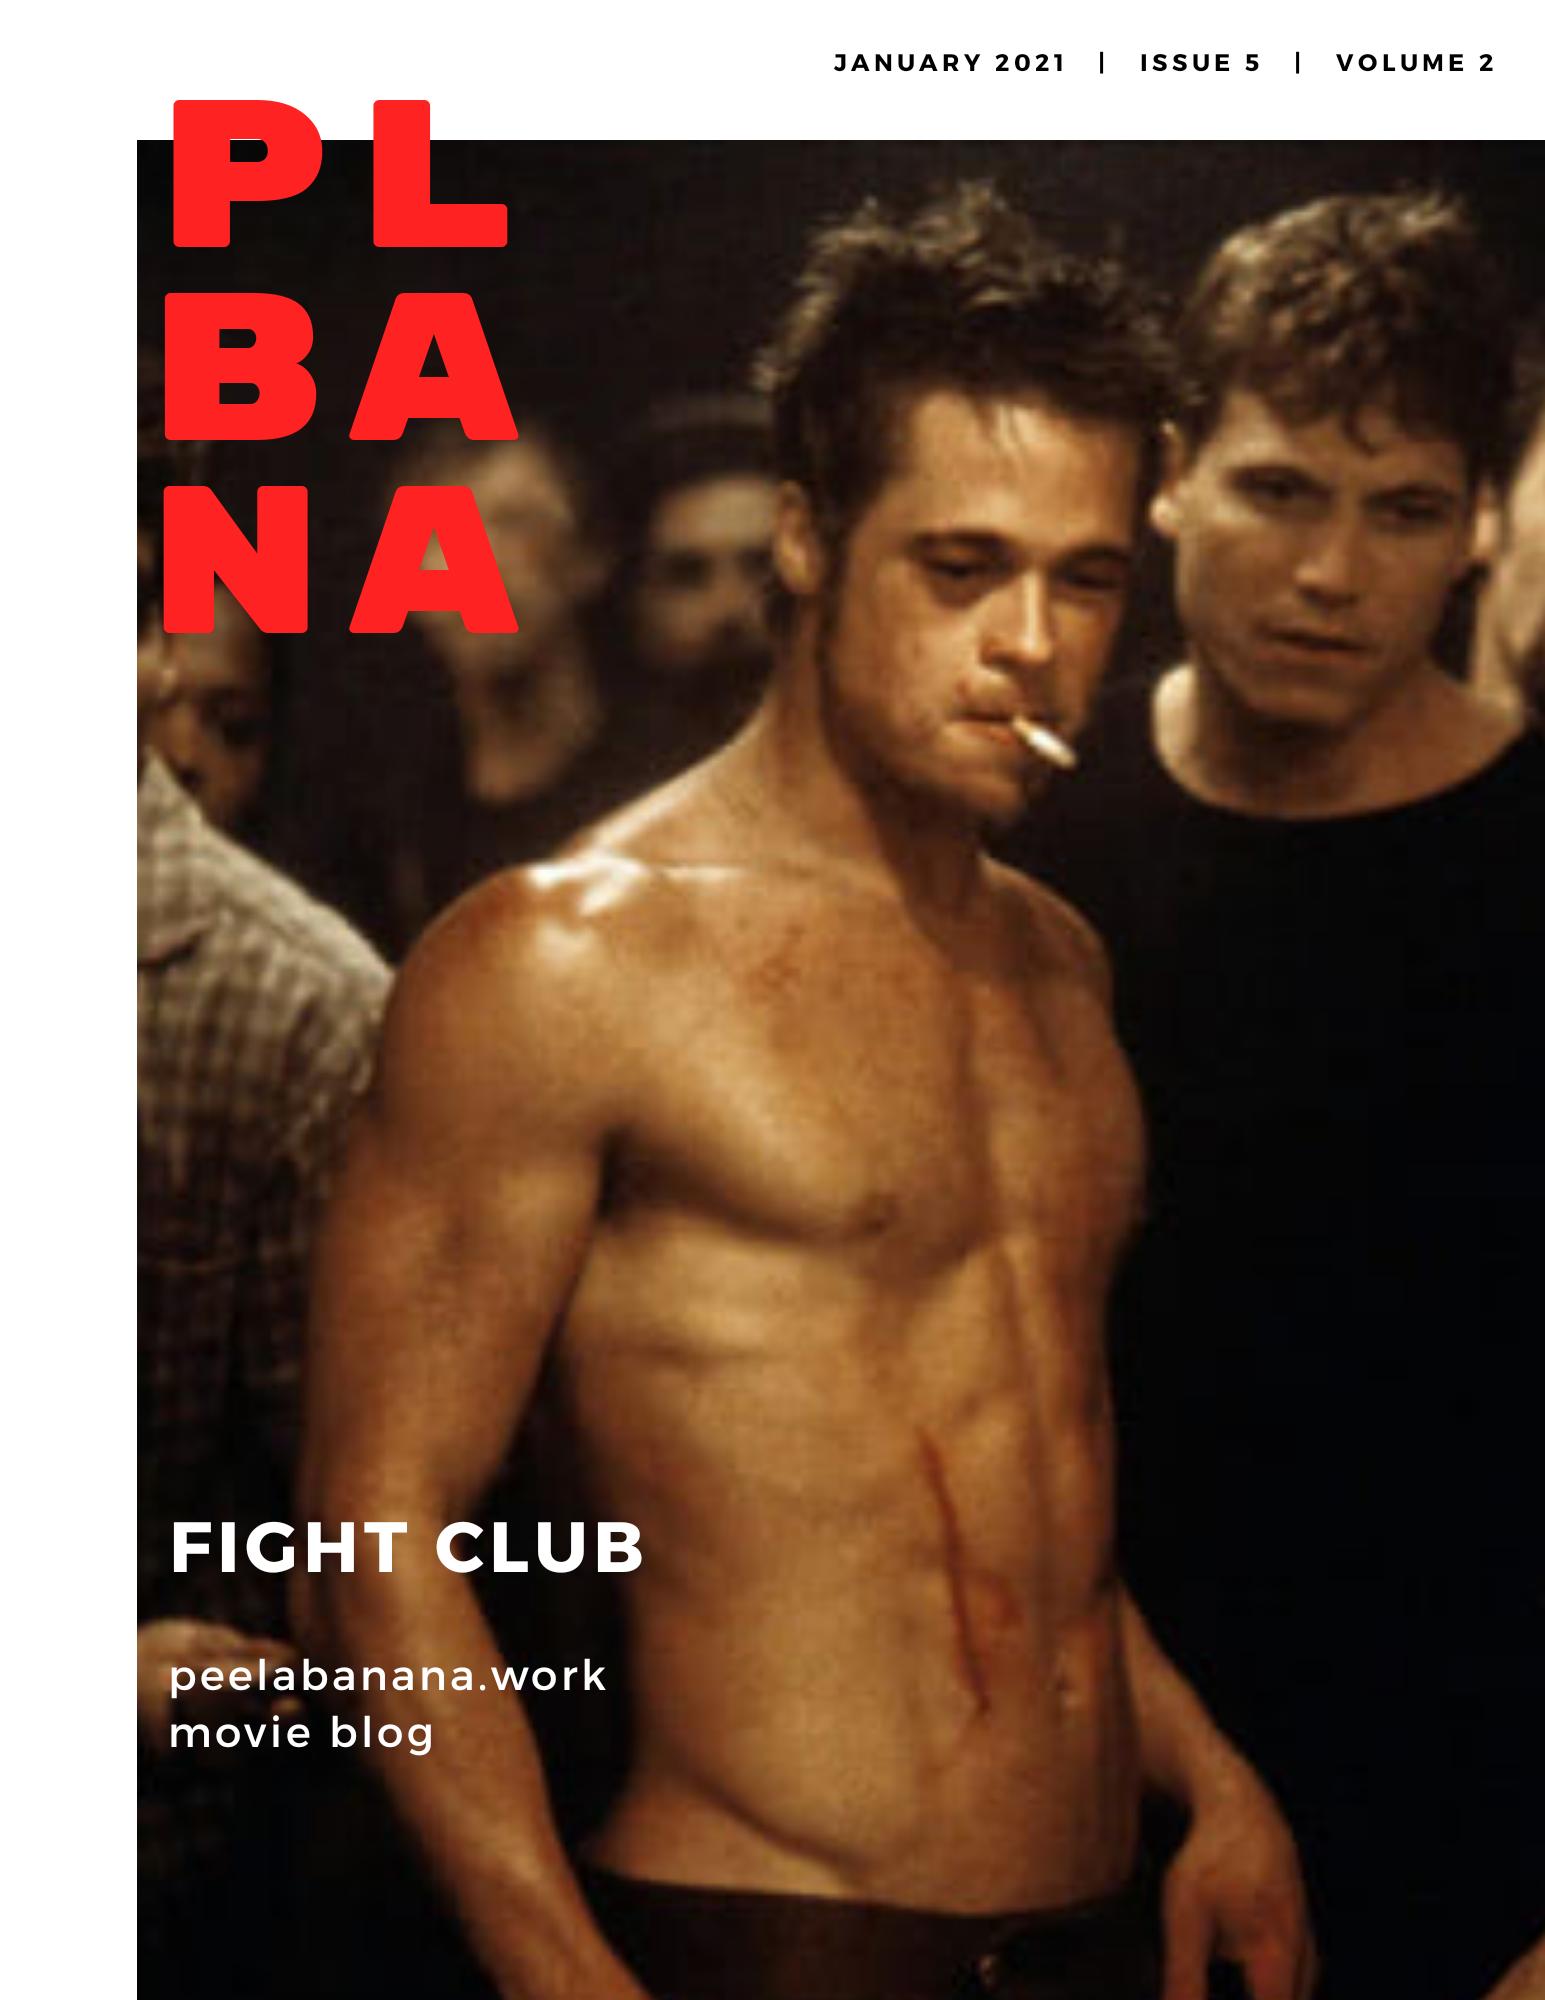 映画『ファイトクラブ』から学ぶ過激な名言・名セリフ